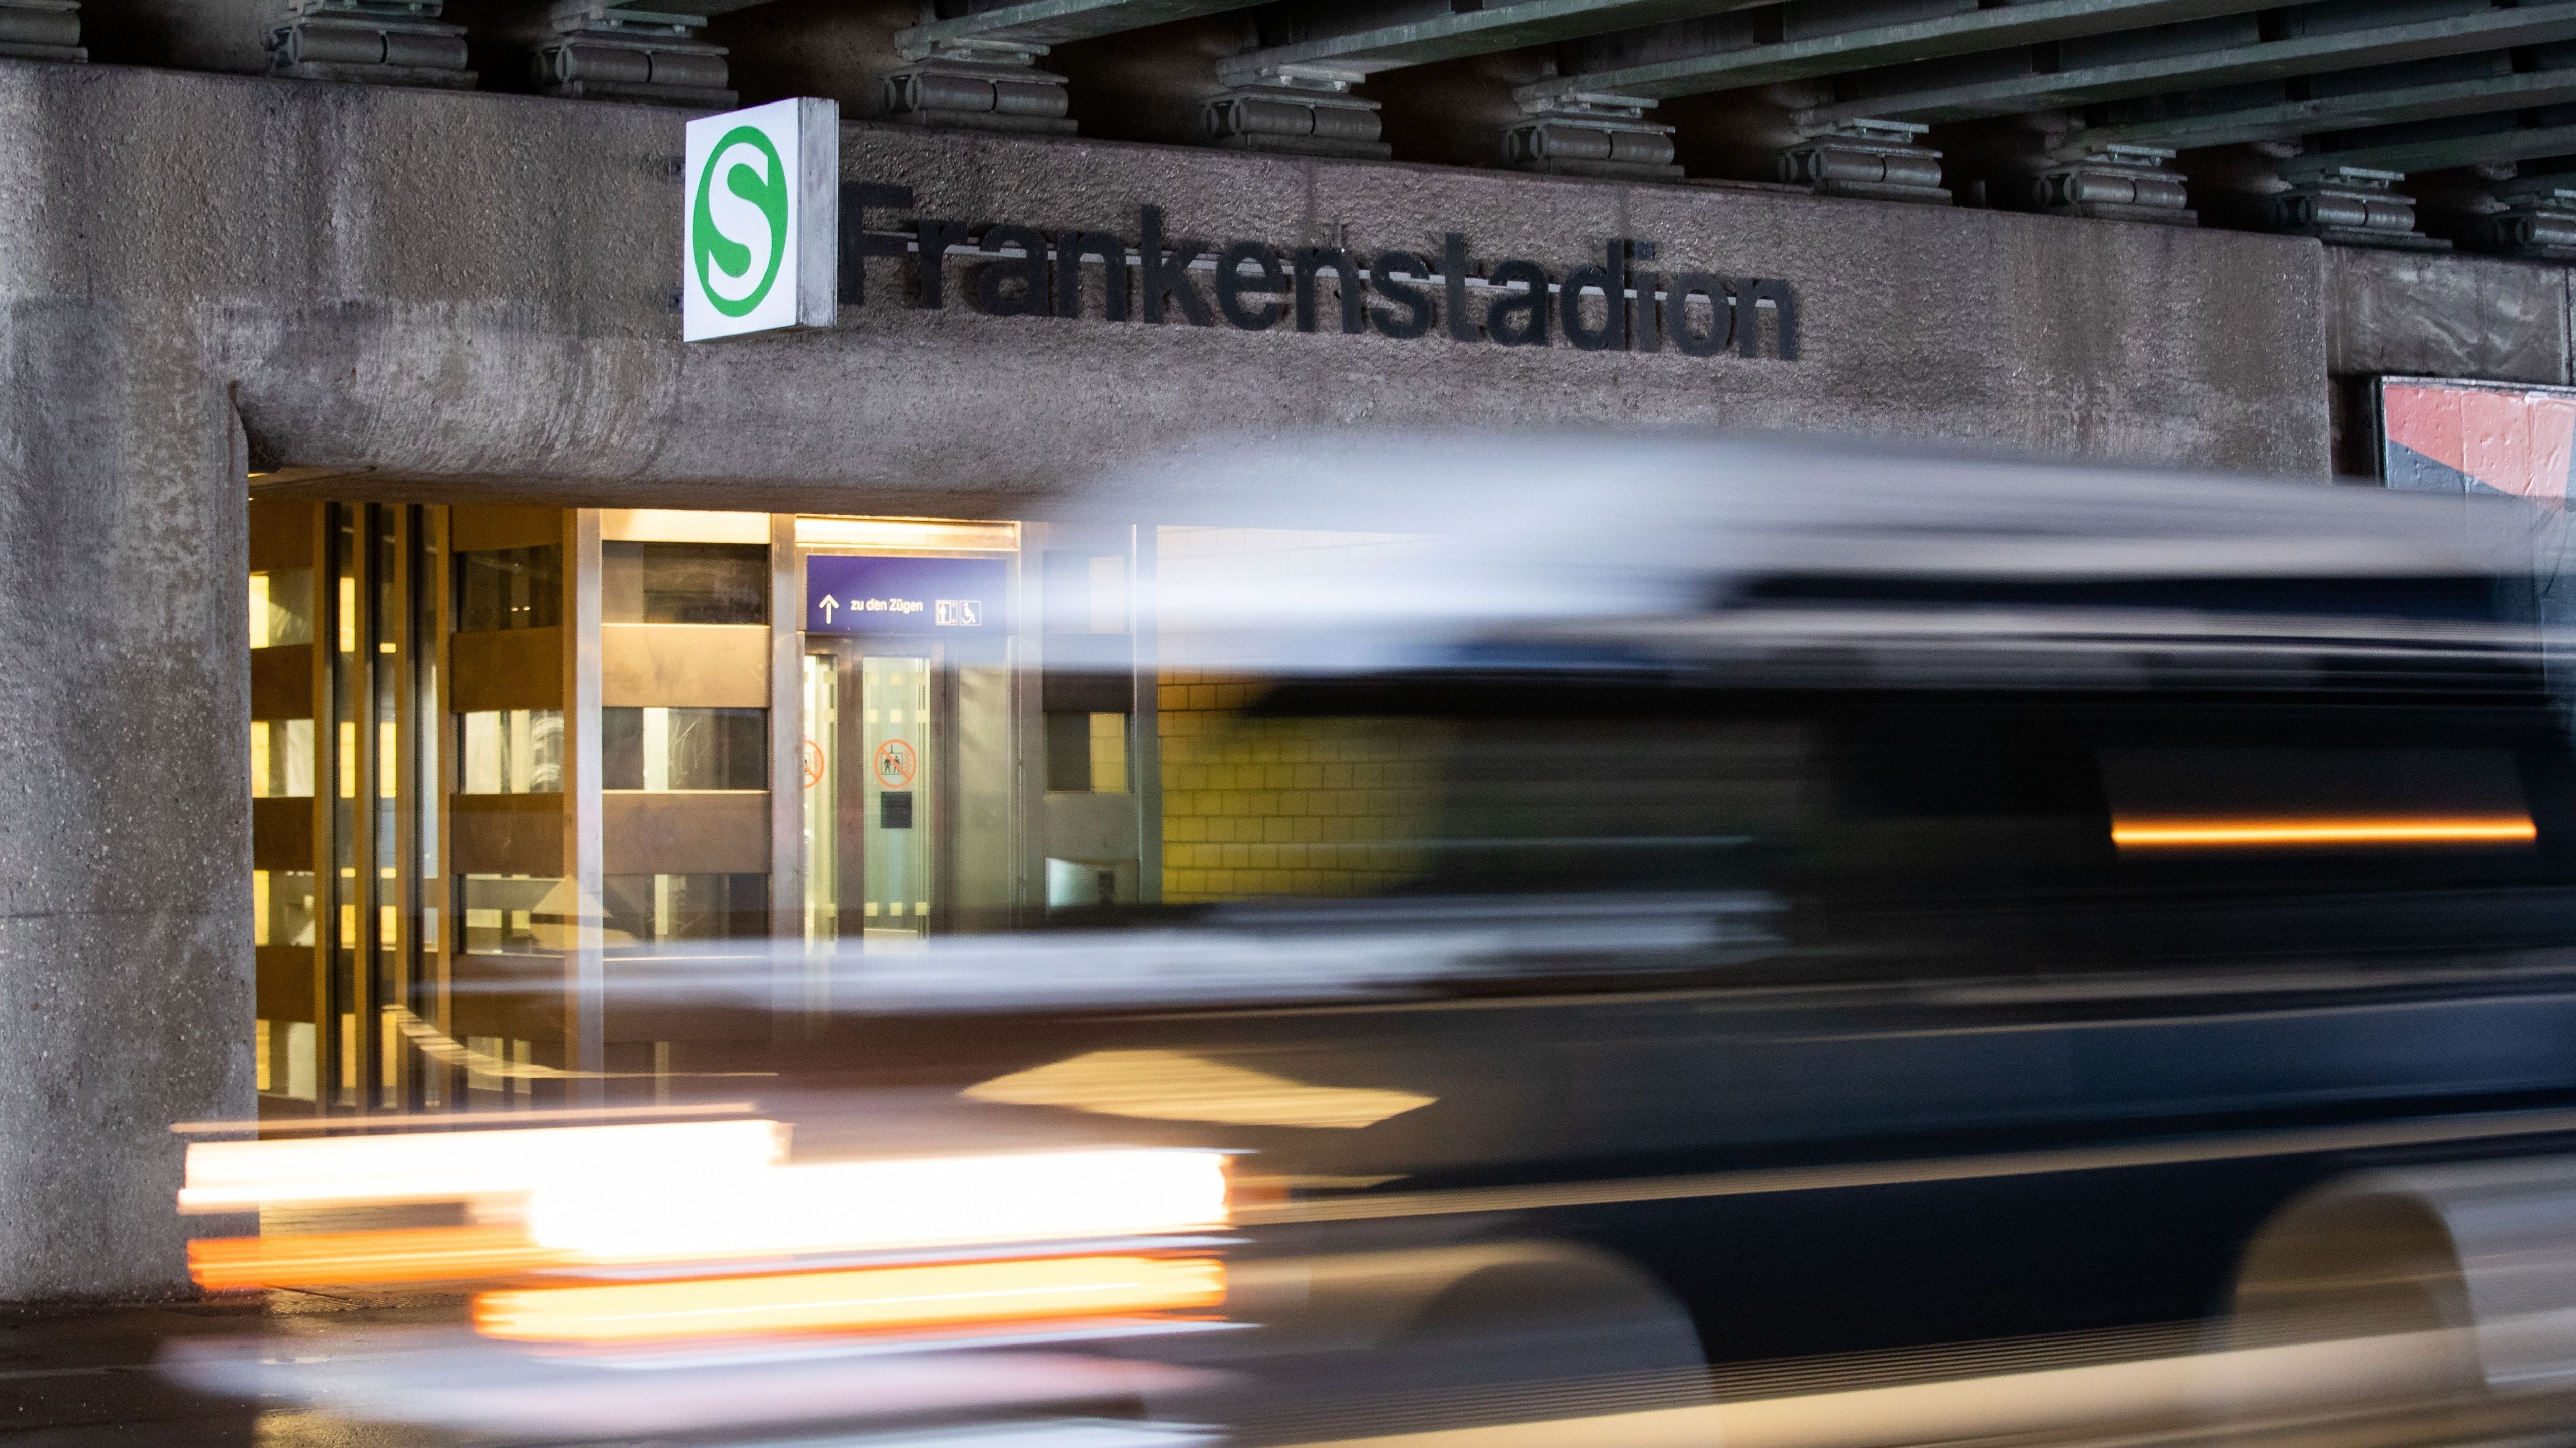 Die S-Bahn-Station Frankenstadion